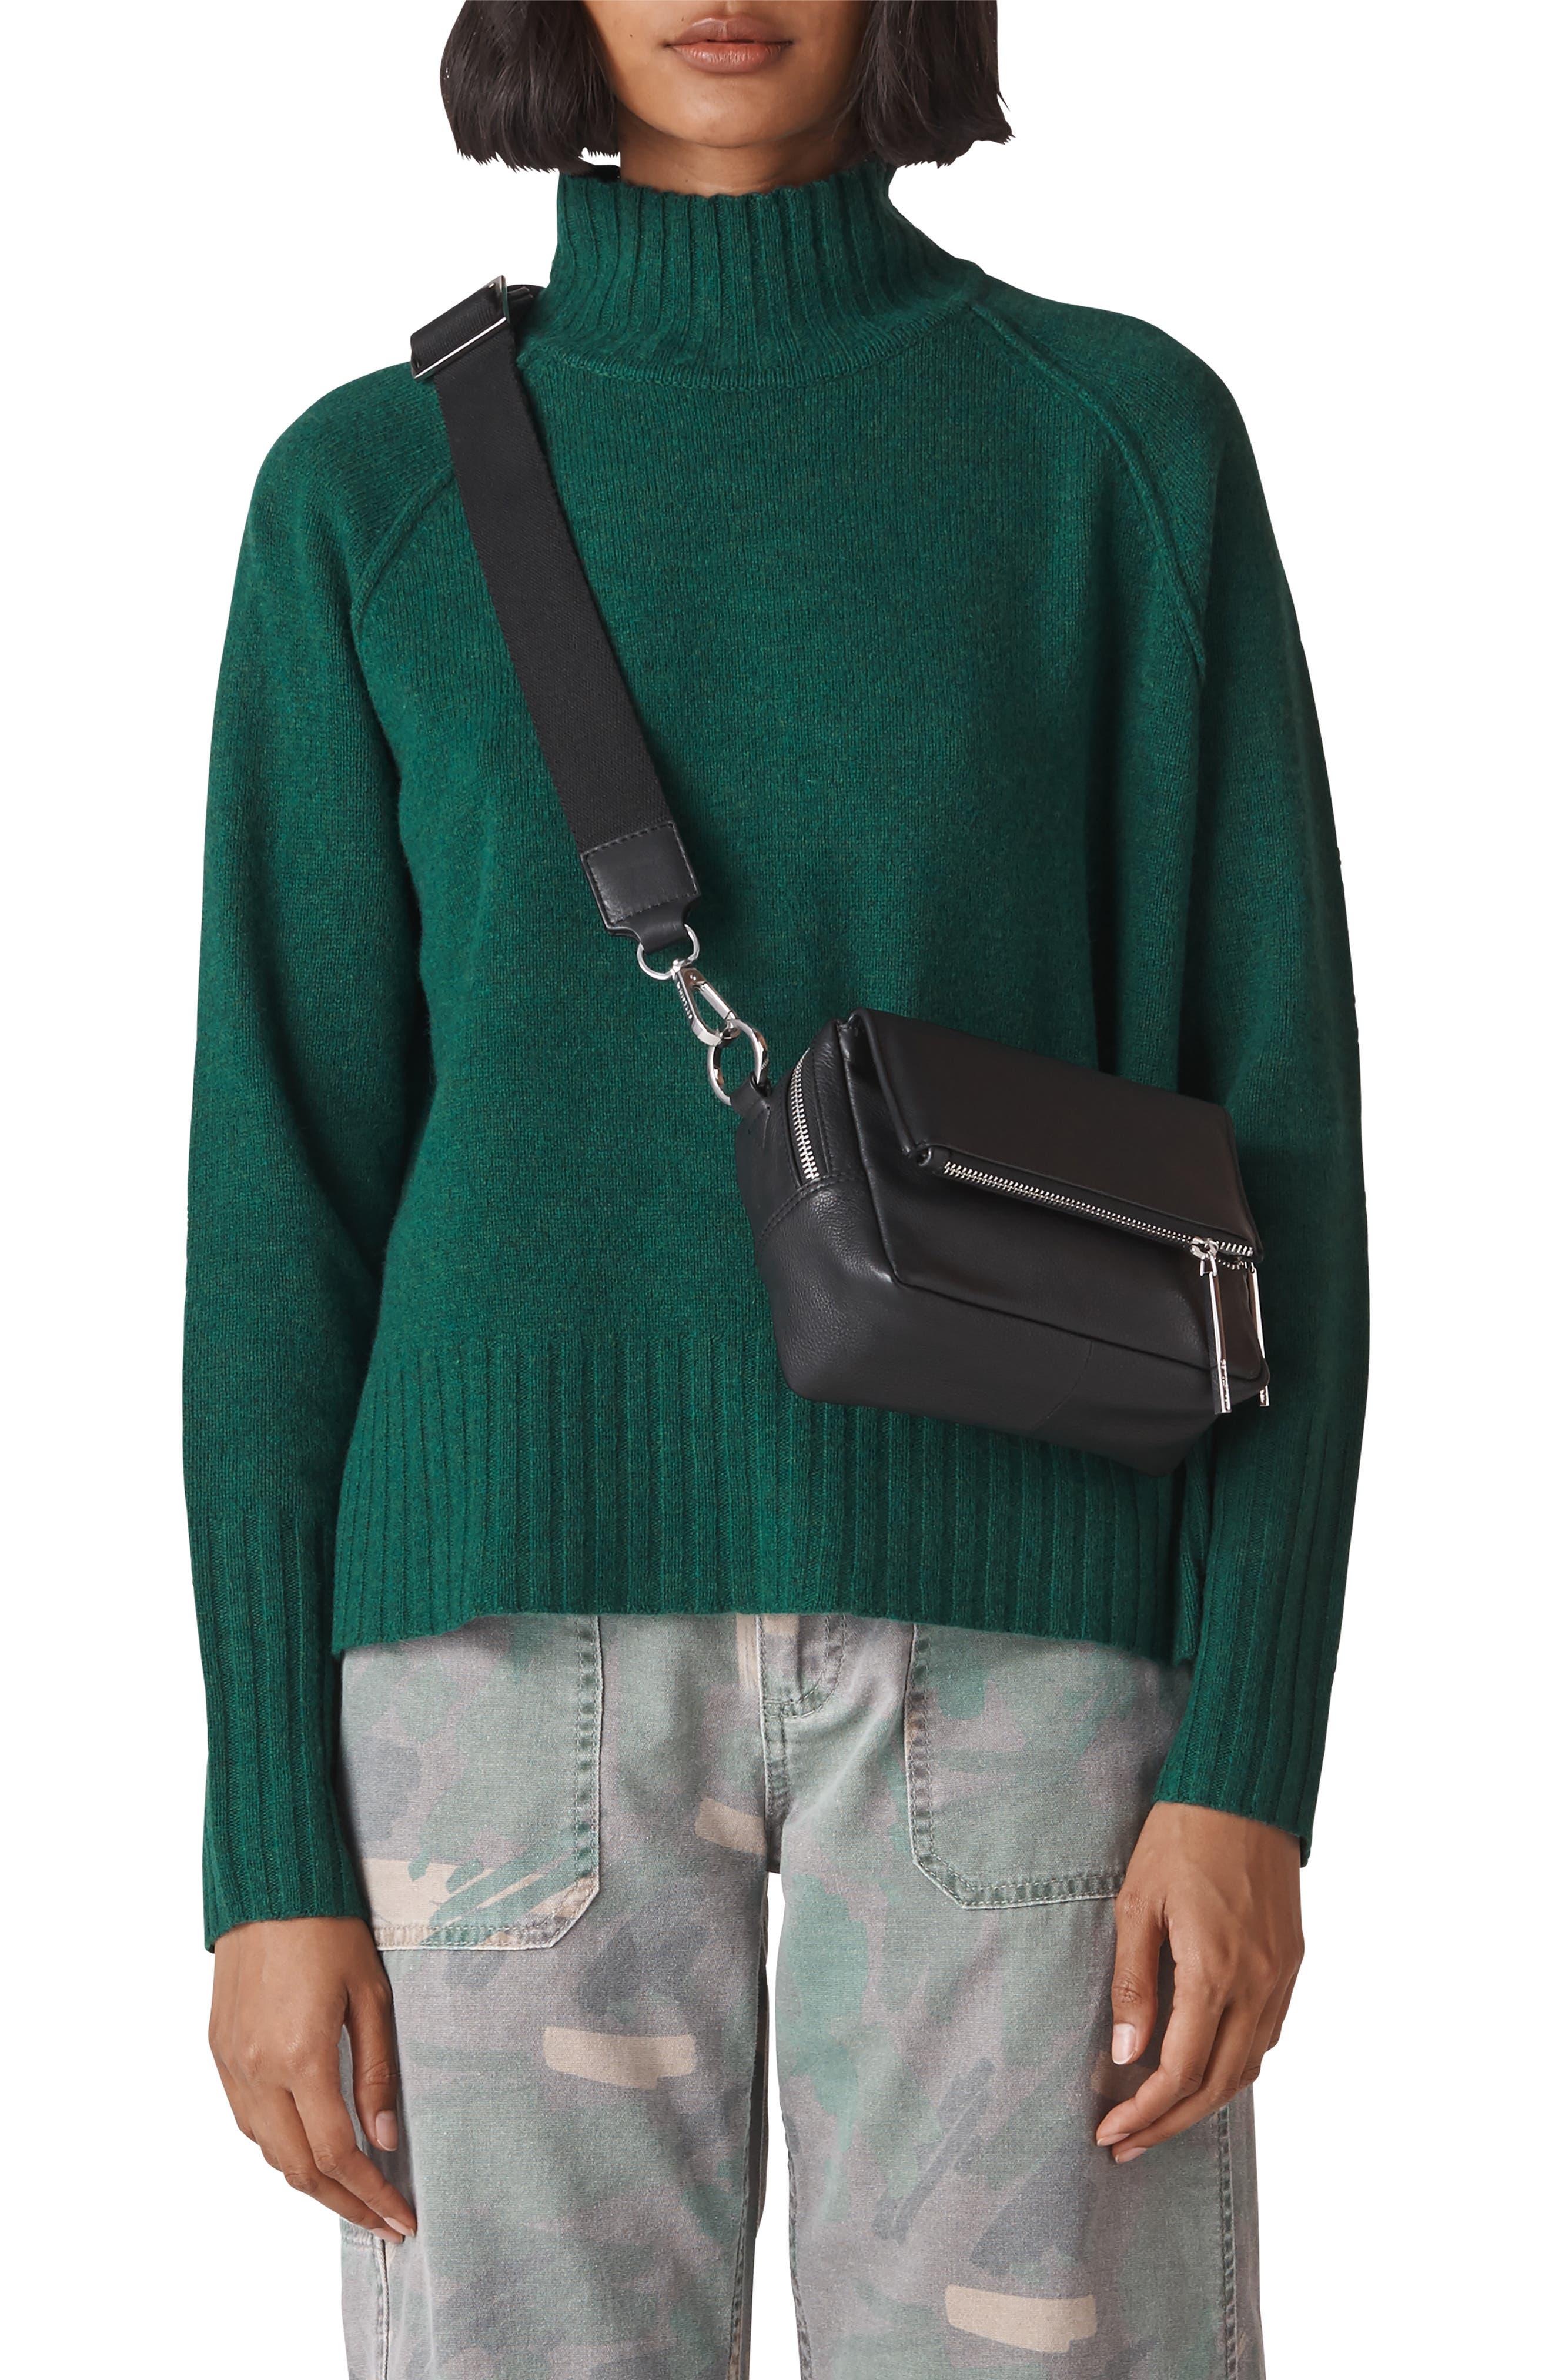 Whistles Merino Wool Sweater